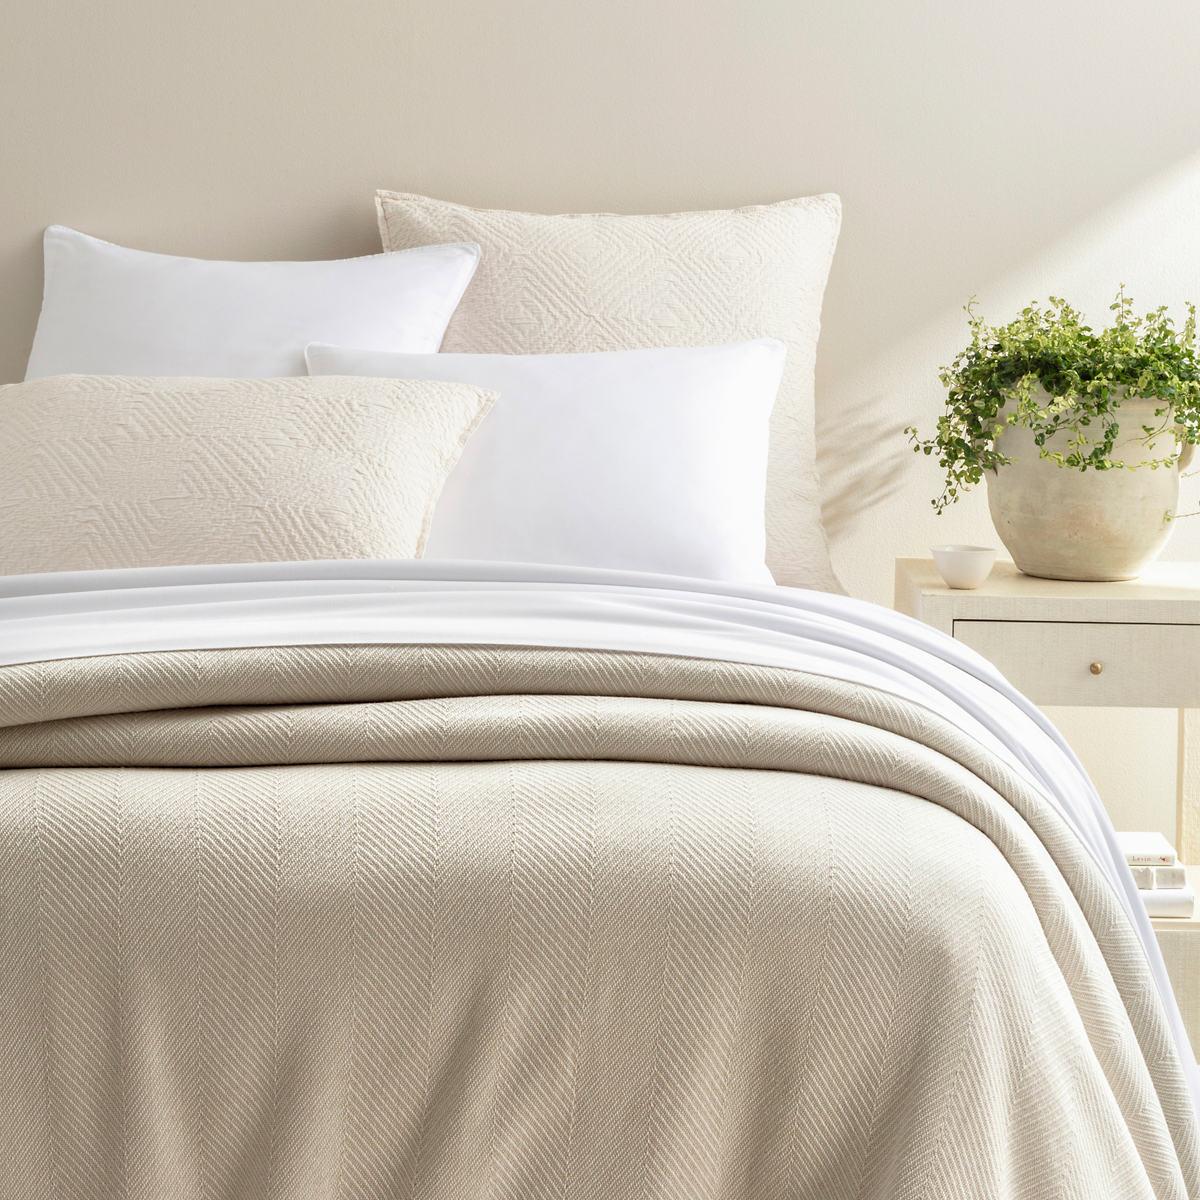 Herringbone White/Ivory Blanket